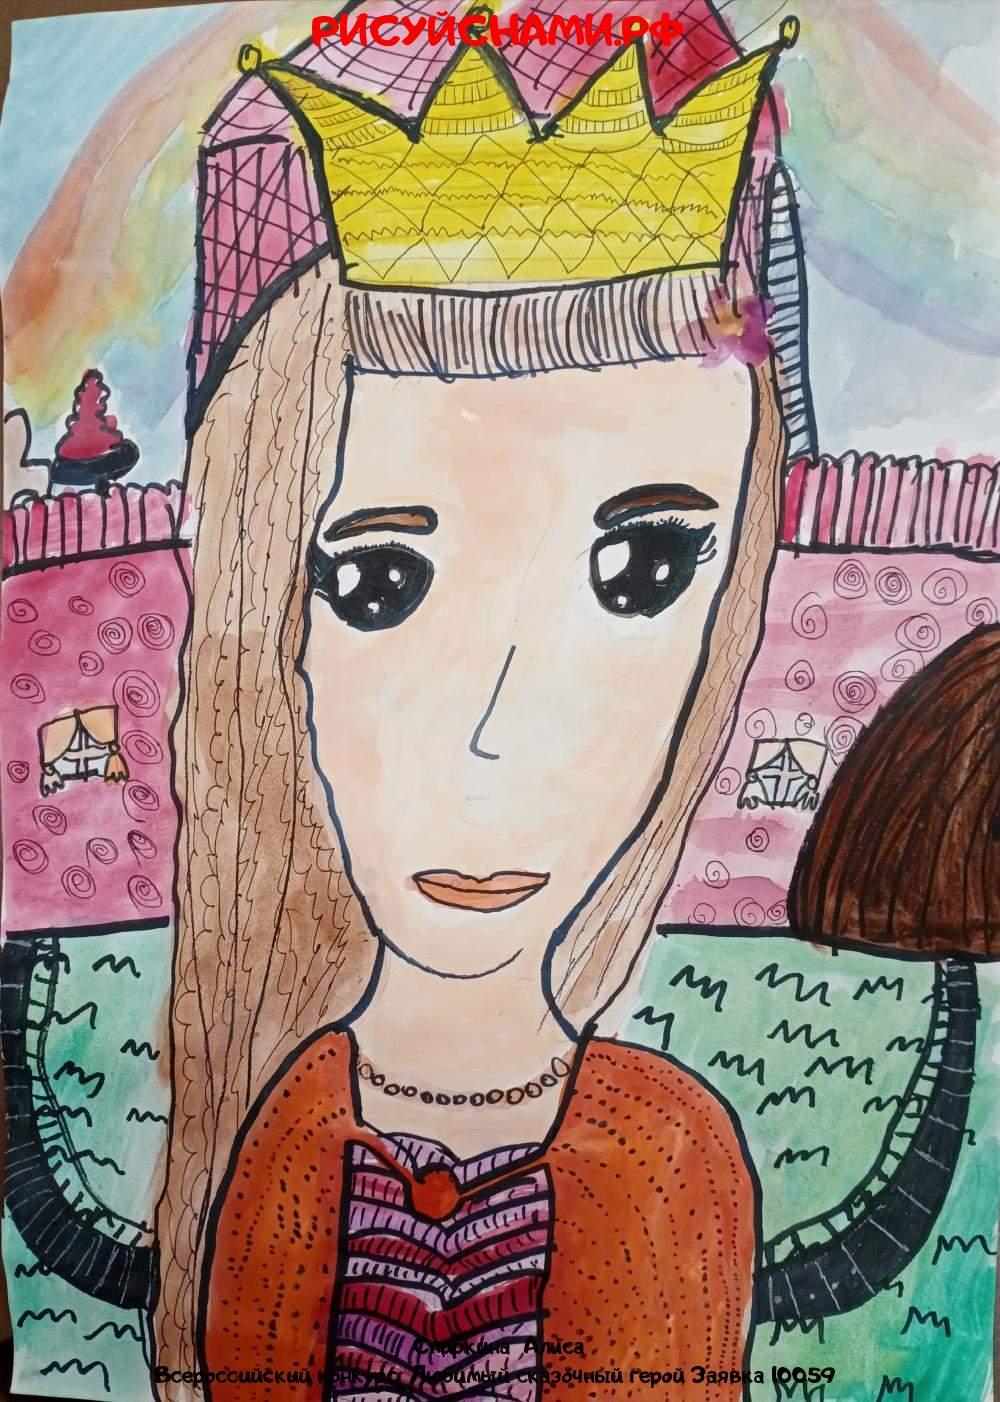 Всероссийский конкурс  Любимый сказочный герой Заявка 10059  творческие конкурсы рисунков для школьников и дошкольников рисуй с нами #тмрисуйснами рисунок и поделка - Спиркина  Алиса